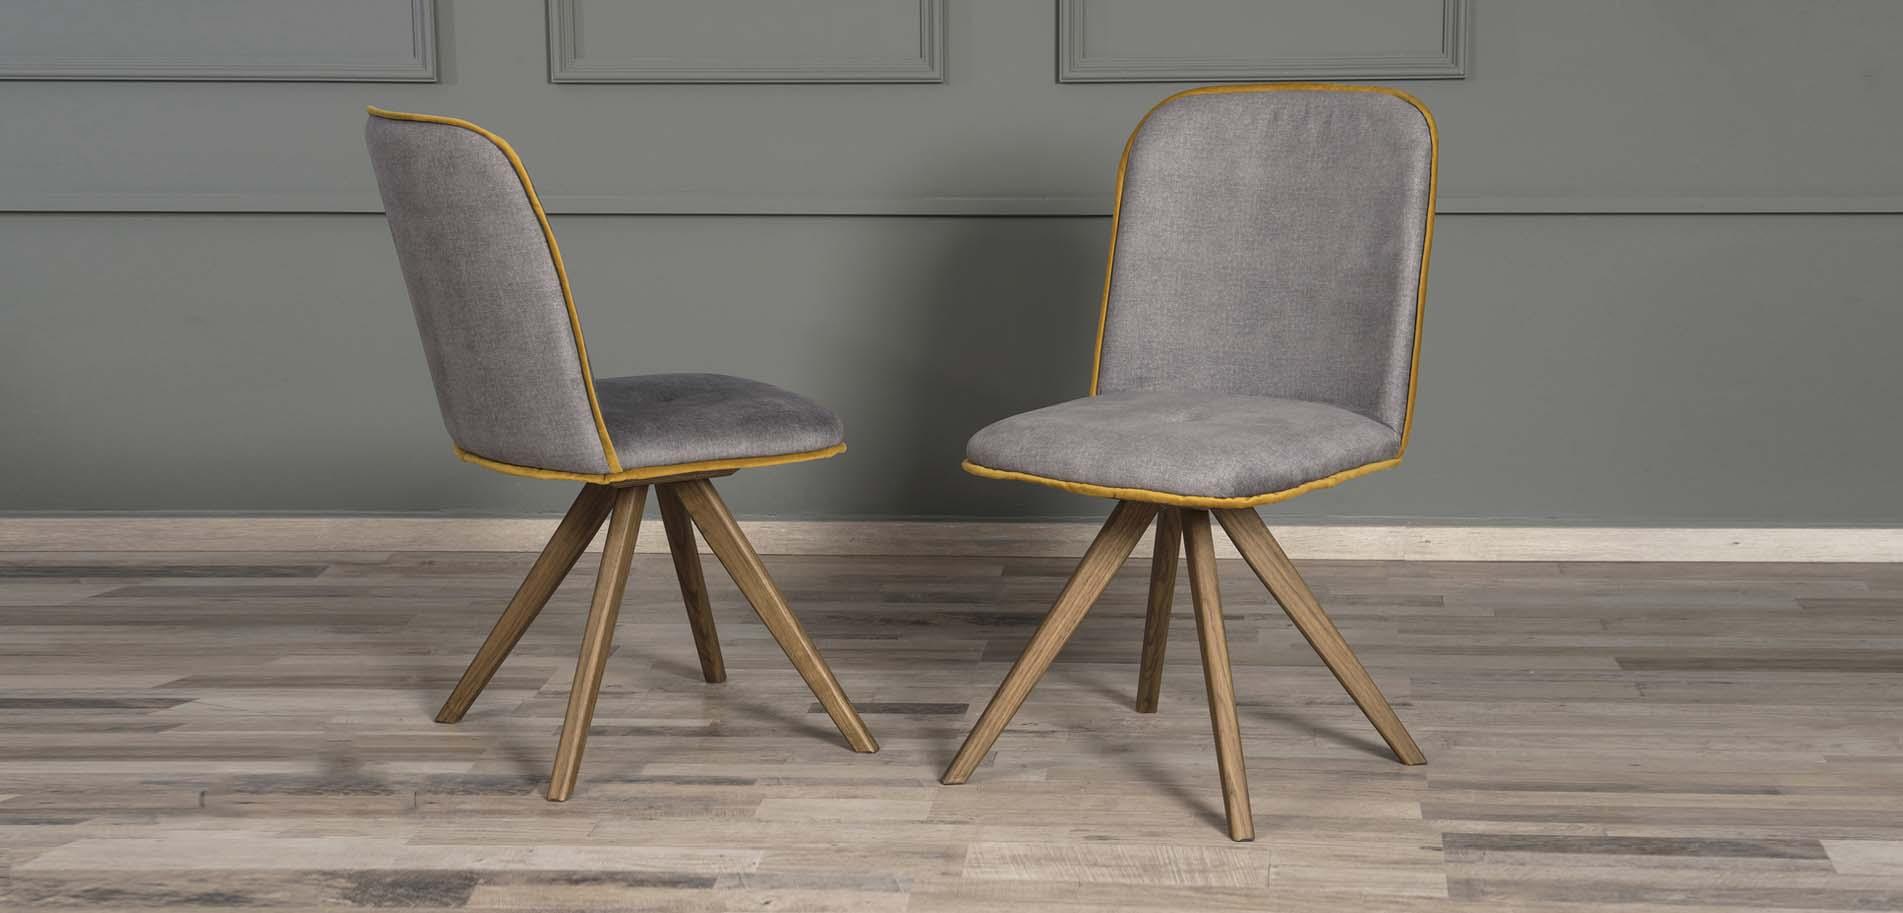 Μοντέρνα καρέκλα τραπεζαρίας